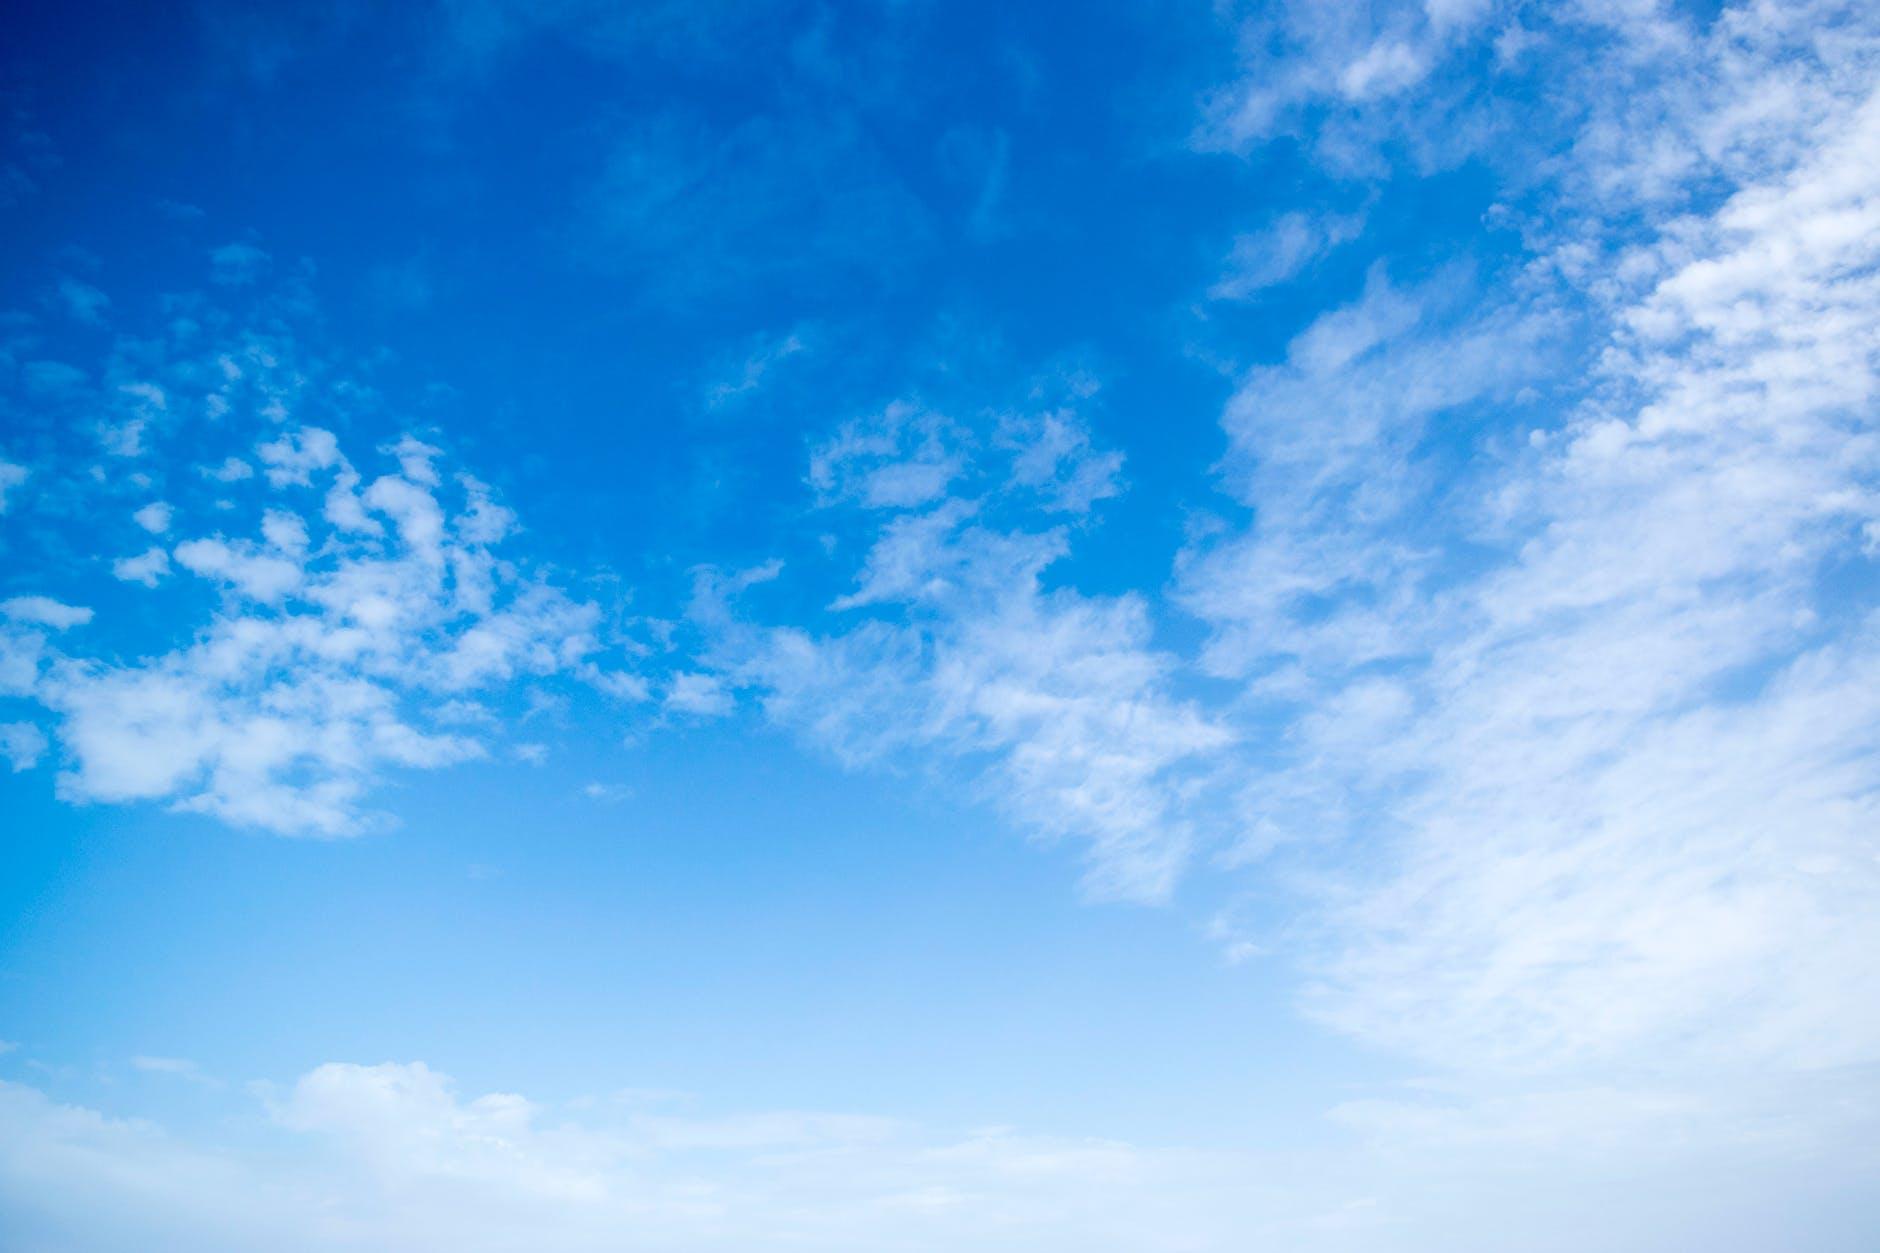 cel blau i nuvols